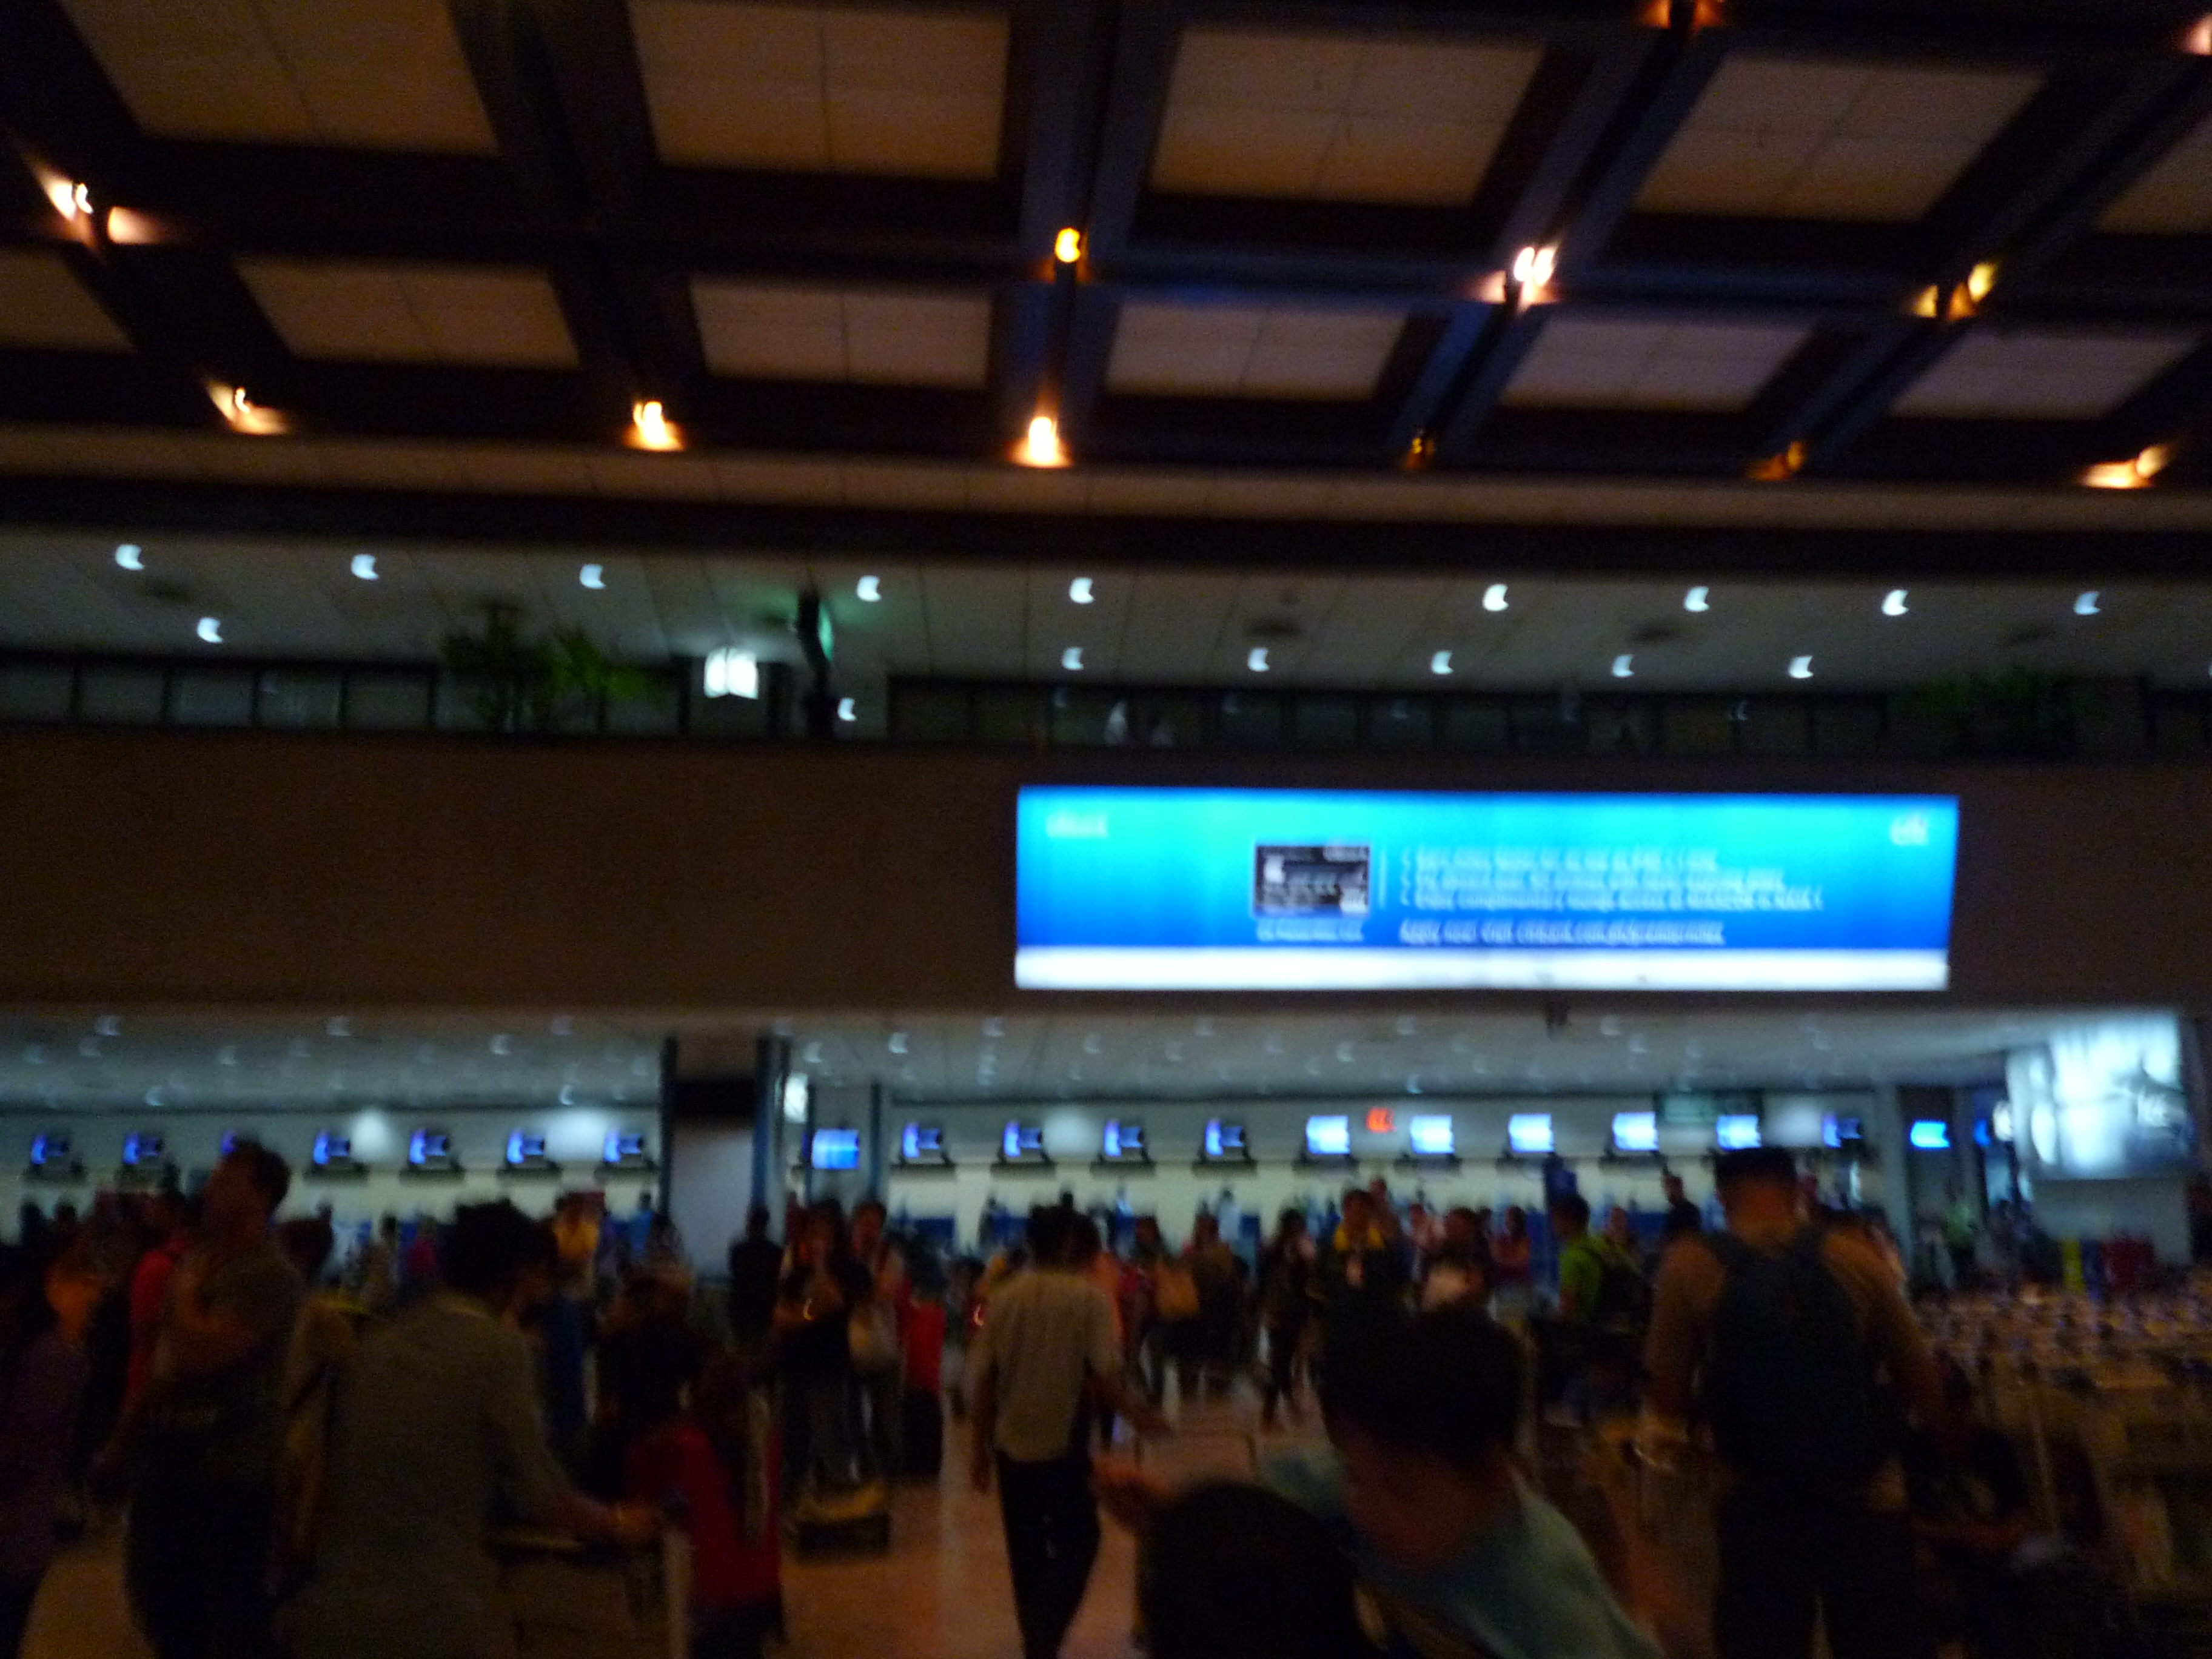 マニラ空港のターミナル ②ワースト空港 理由はT1